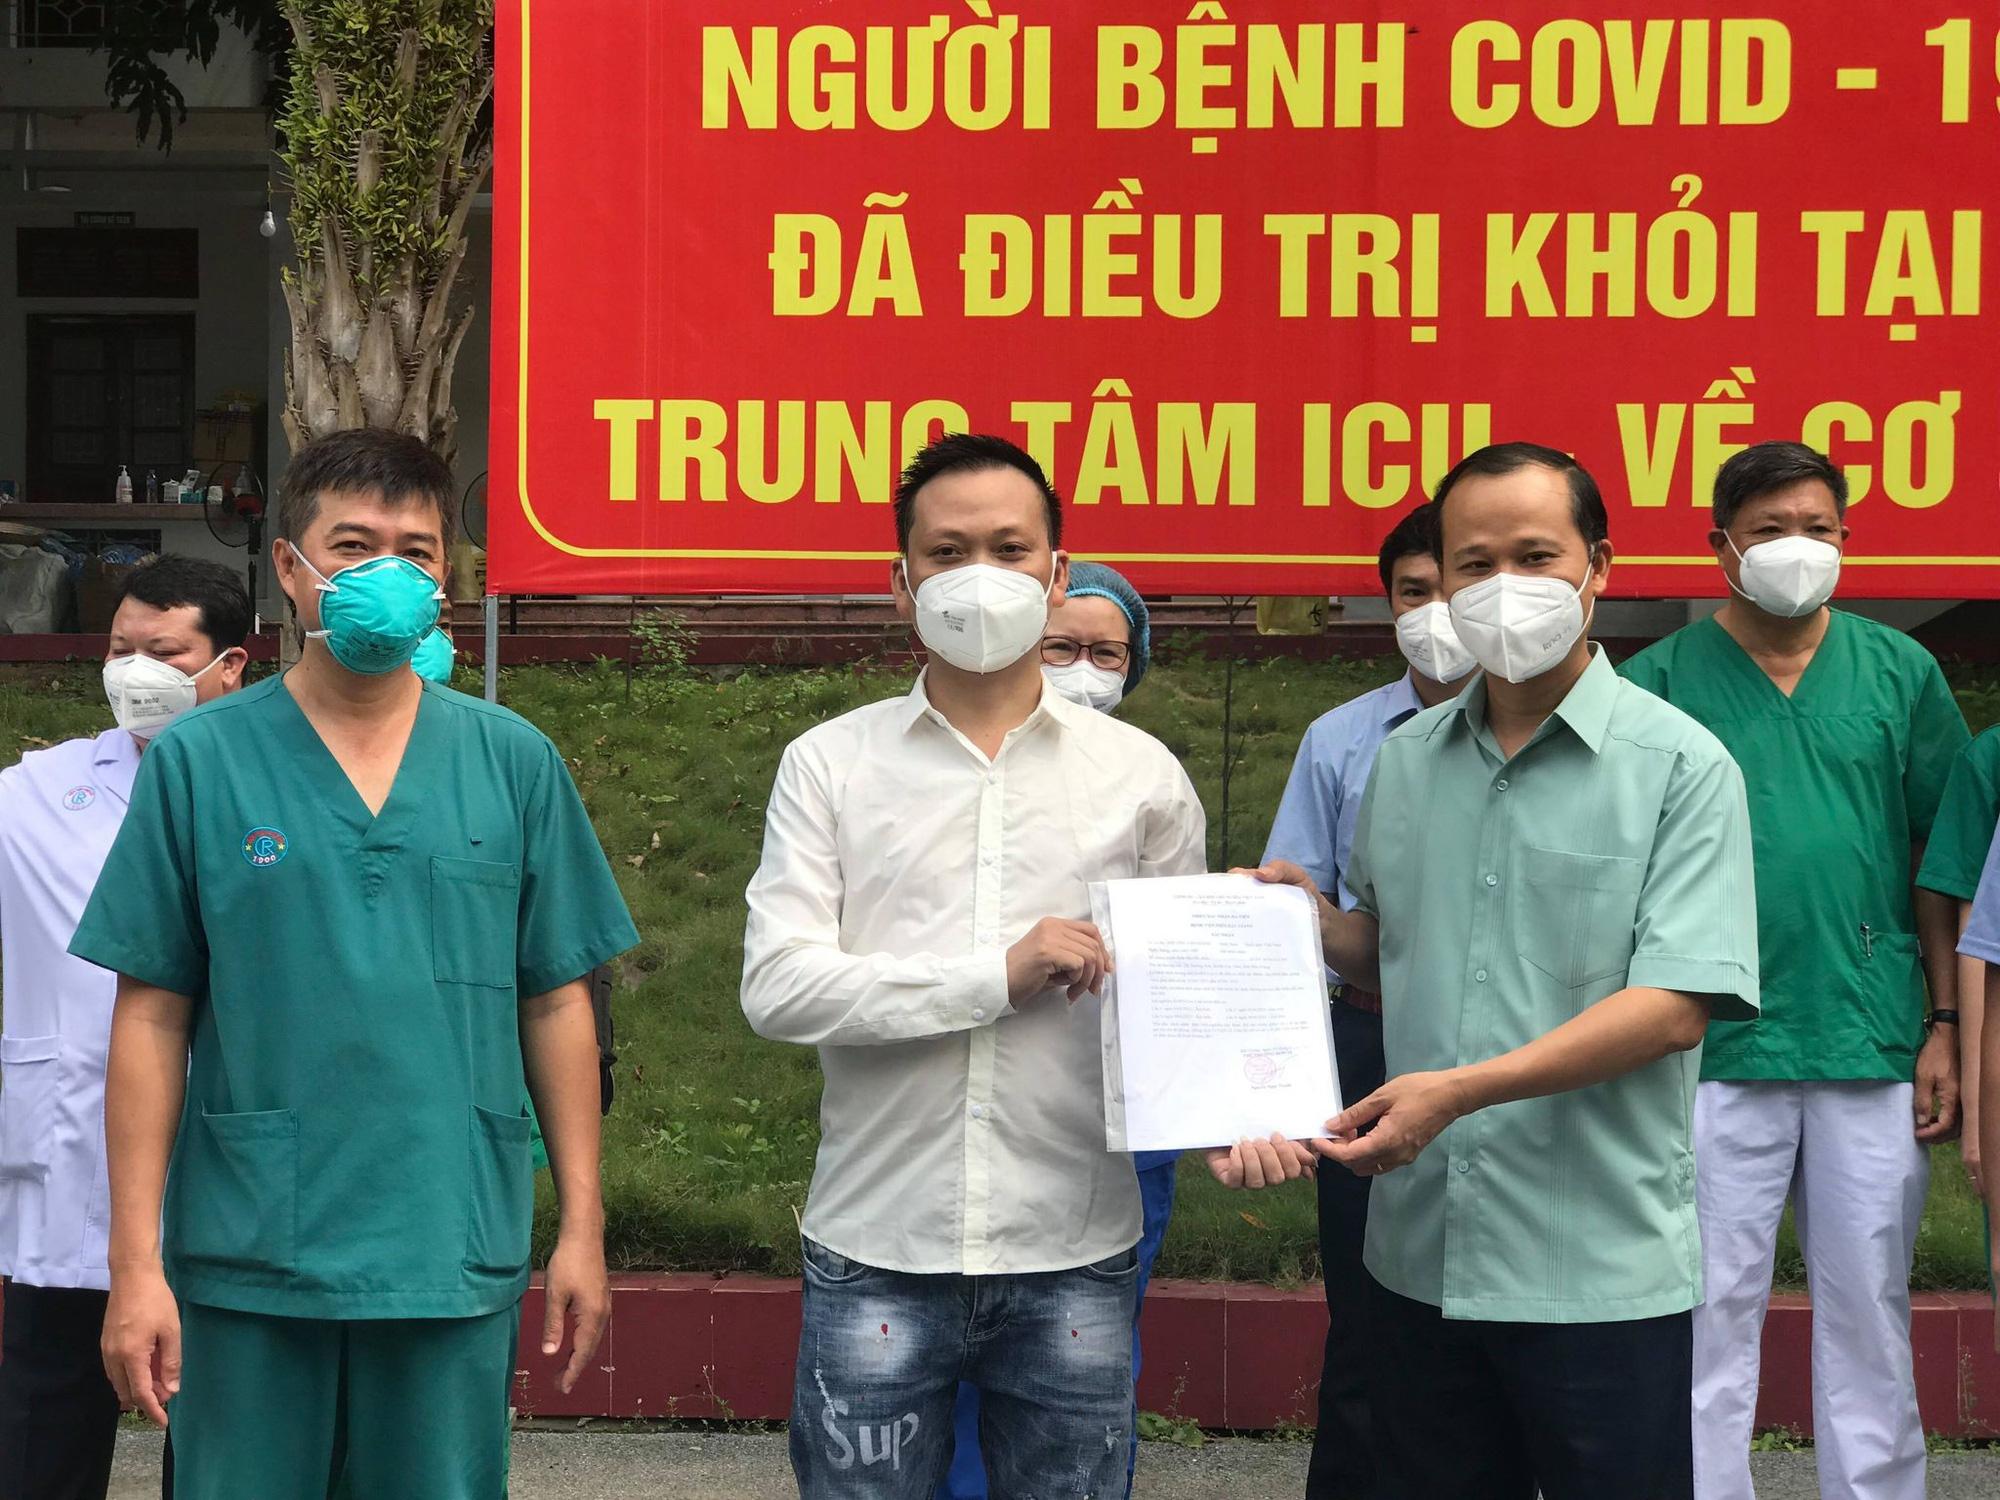 Chiều 10/6, thêm 59 ca Covid-19 trong nước, Bắc Giang, Bắc Ninh giảm, TP HCM số mắc vẫn cao - Ảnh 3.